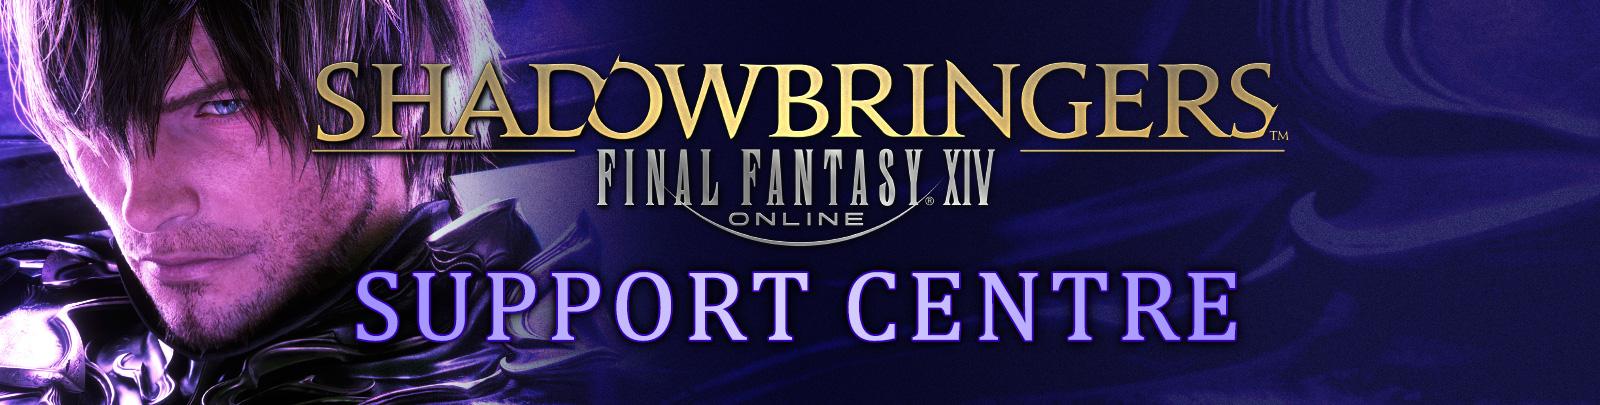 Square Enix Support Centre - - FINAL FANTASY XIV